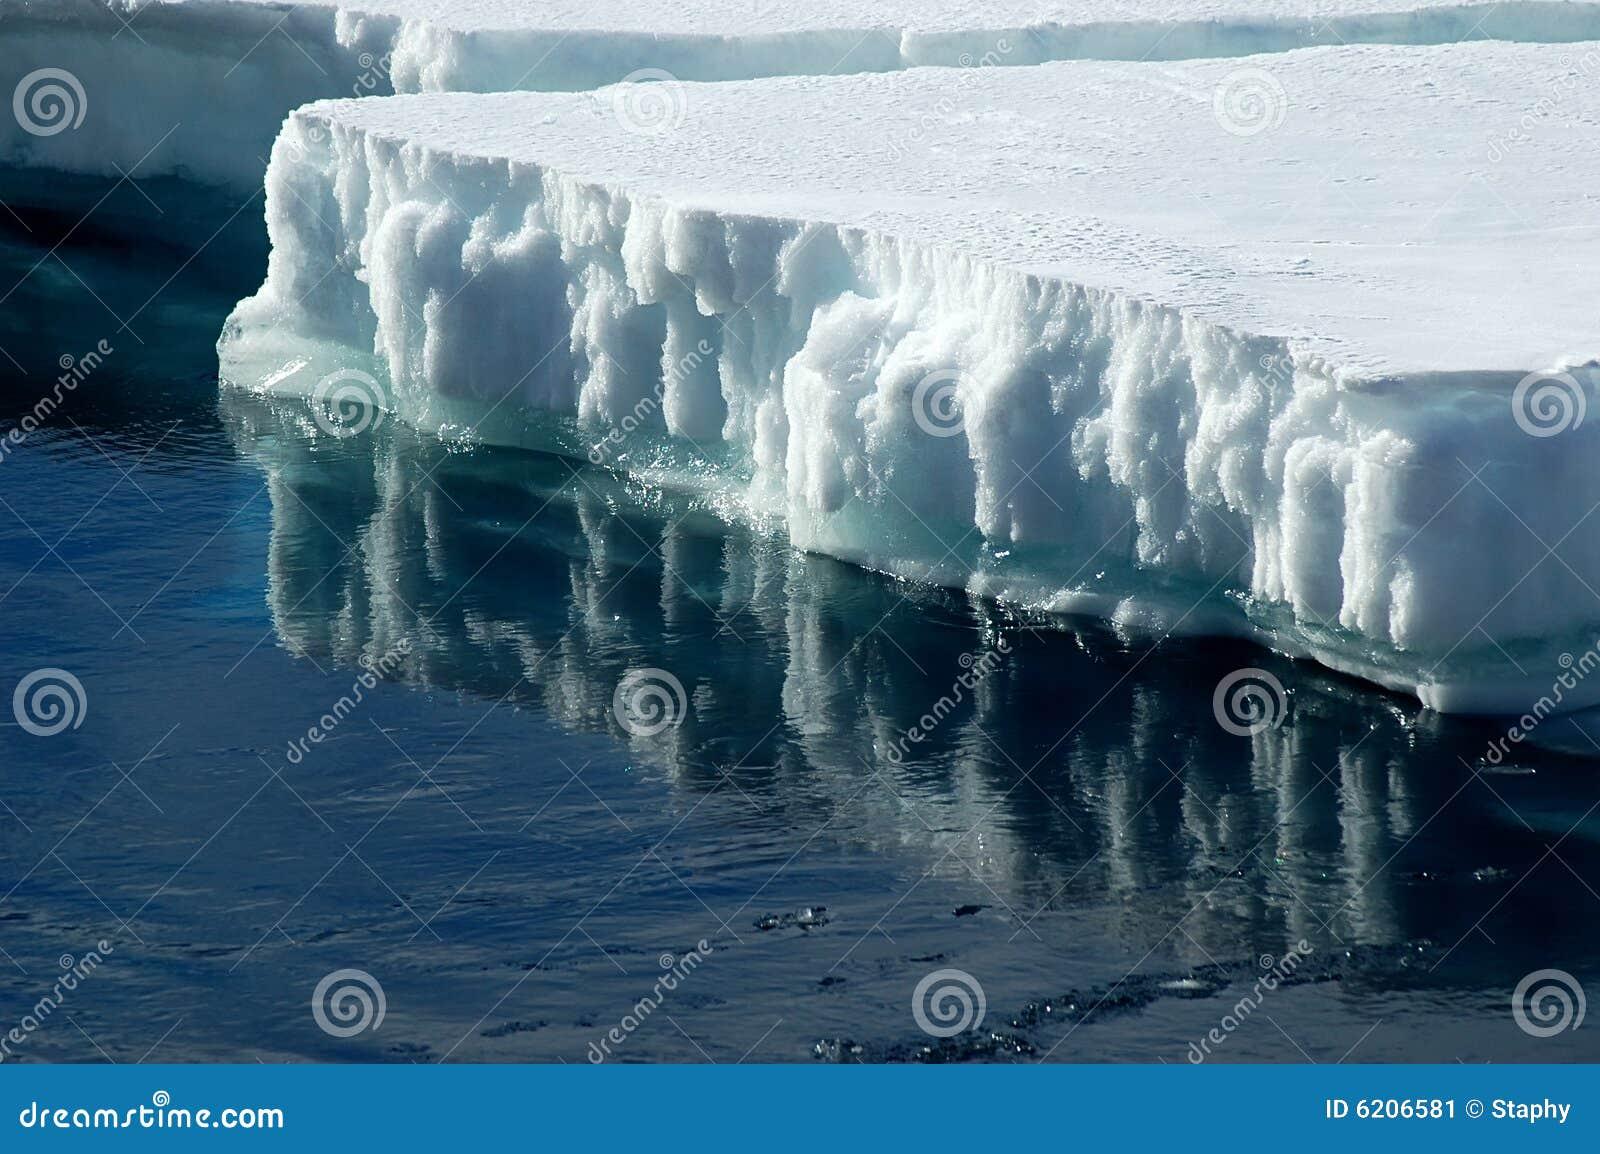 Antarctic ice floe